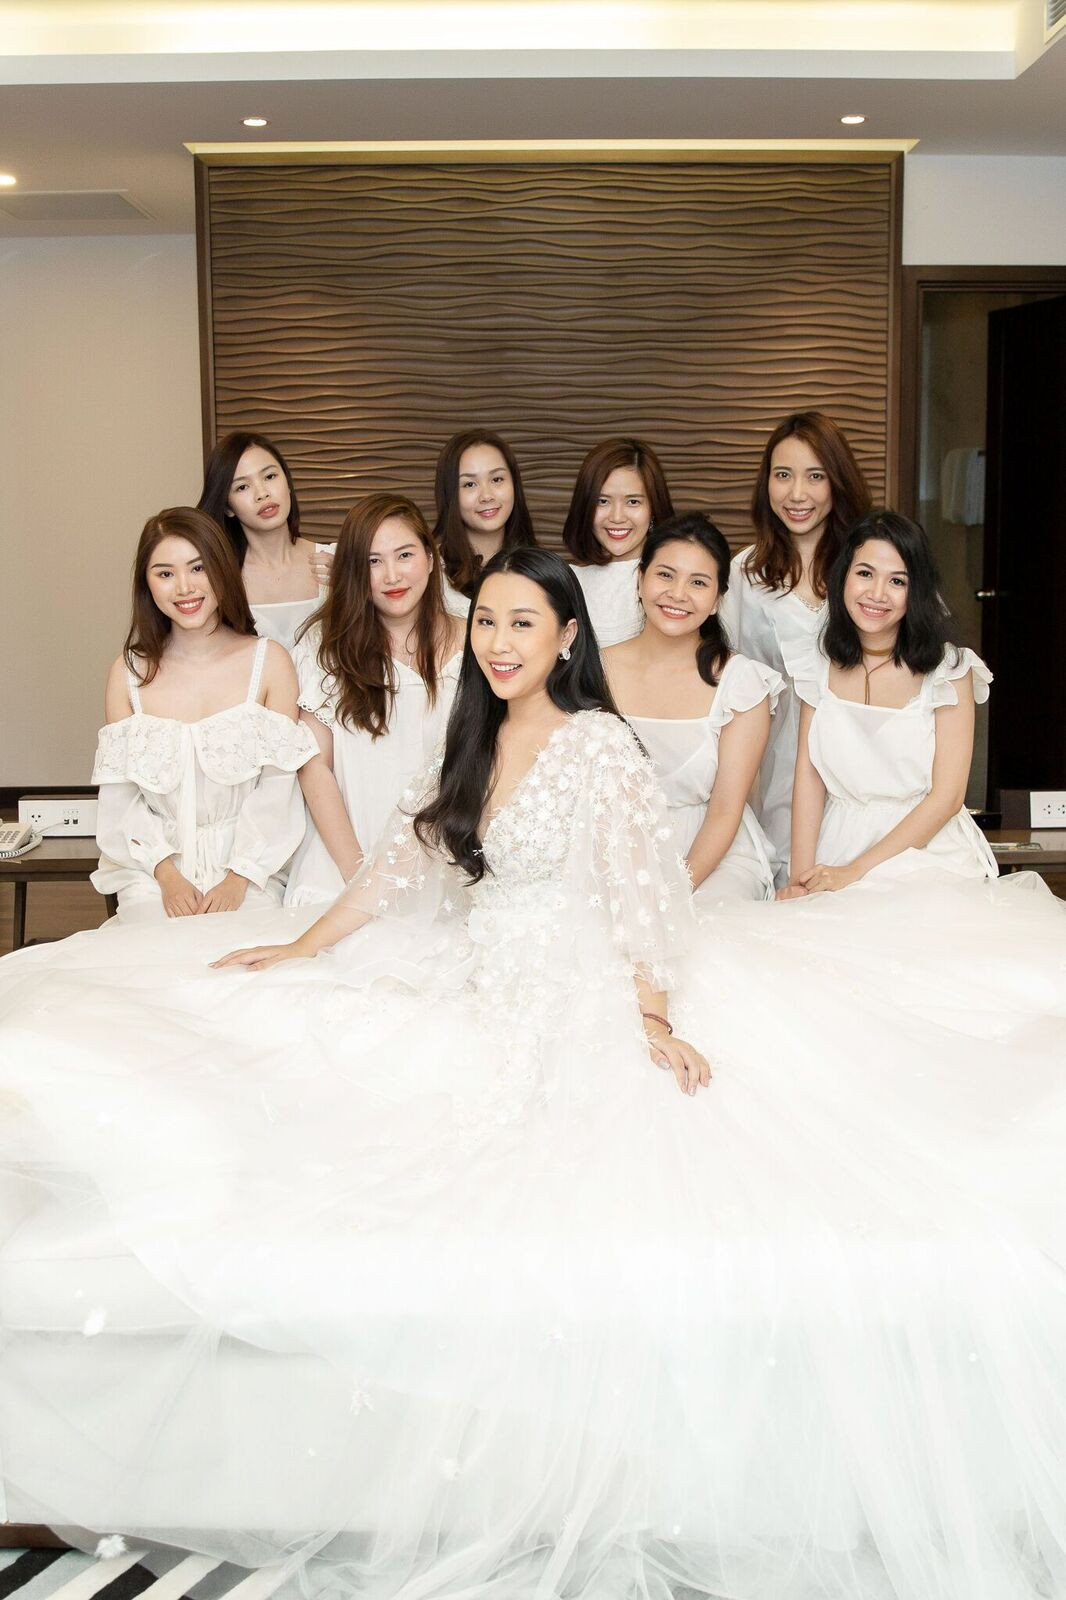 Trước giờ G cử hành hôn lễ, nhà văn Gào chia sẻ những hình ảnh về tiệc chia tay thời độc thân cùng dàn phù dâu xinh đẹp - Ảnh 5.